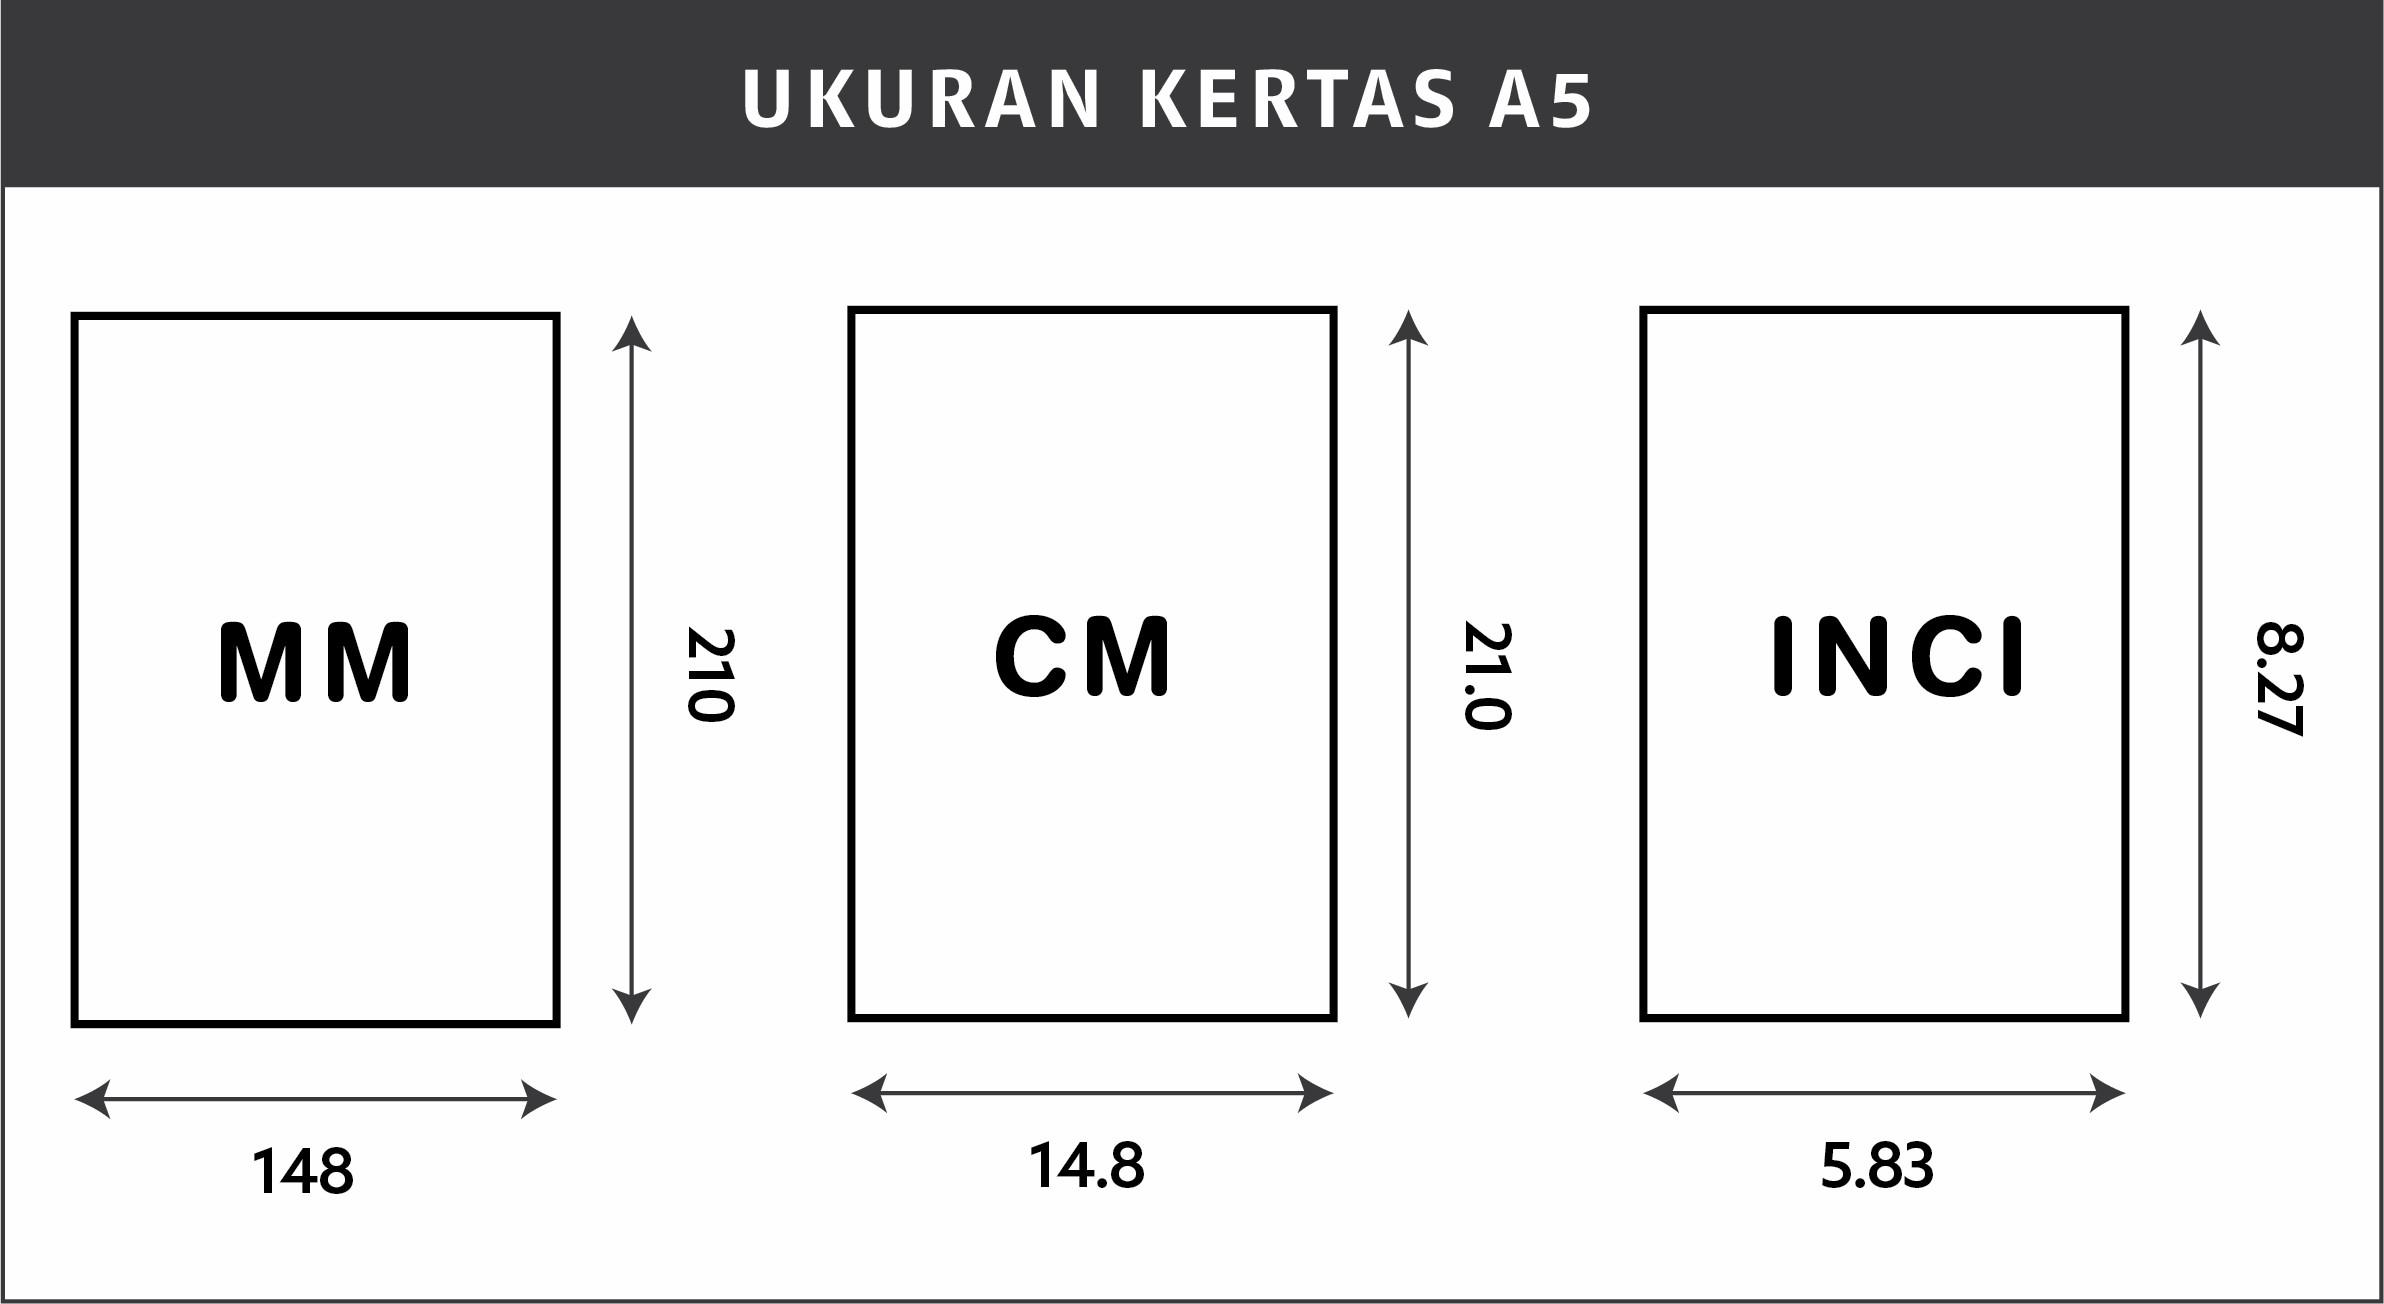 UKURAN KERTAS A5